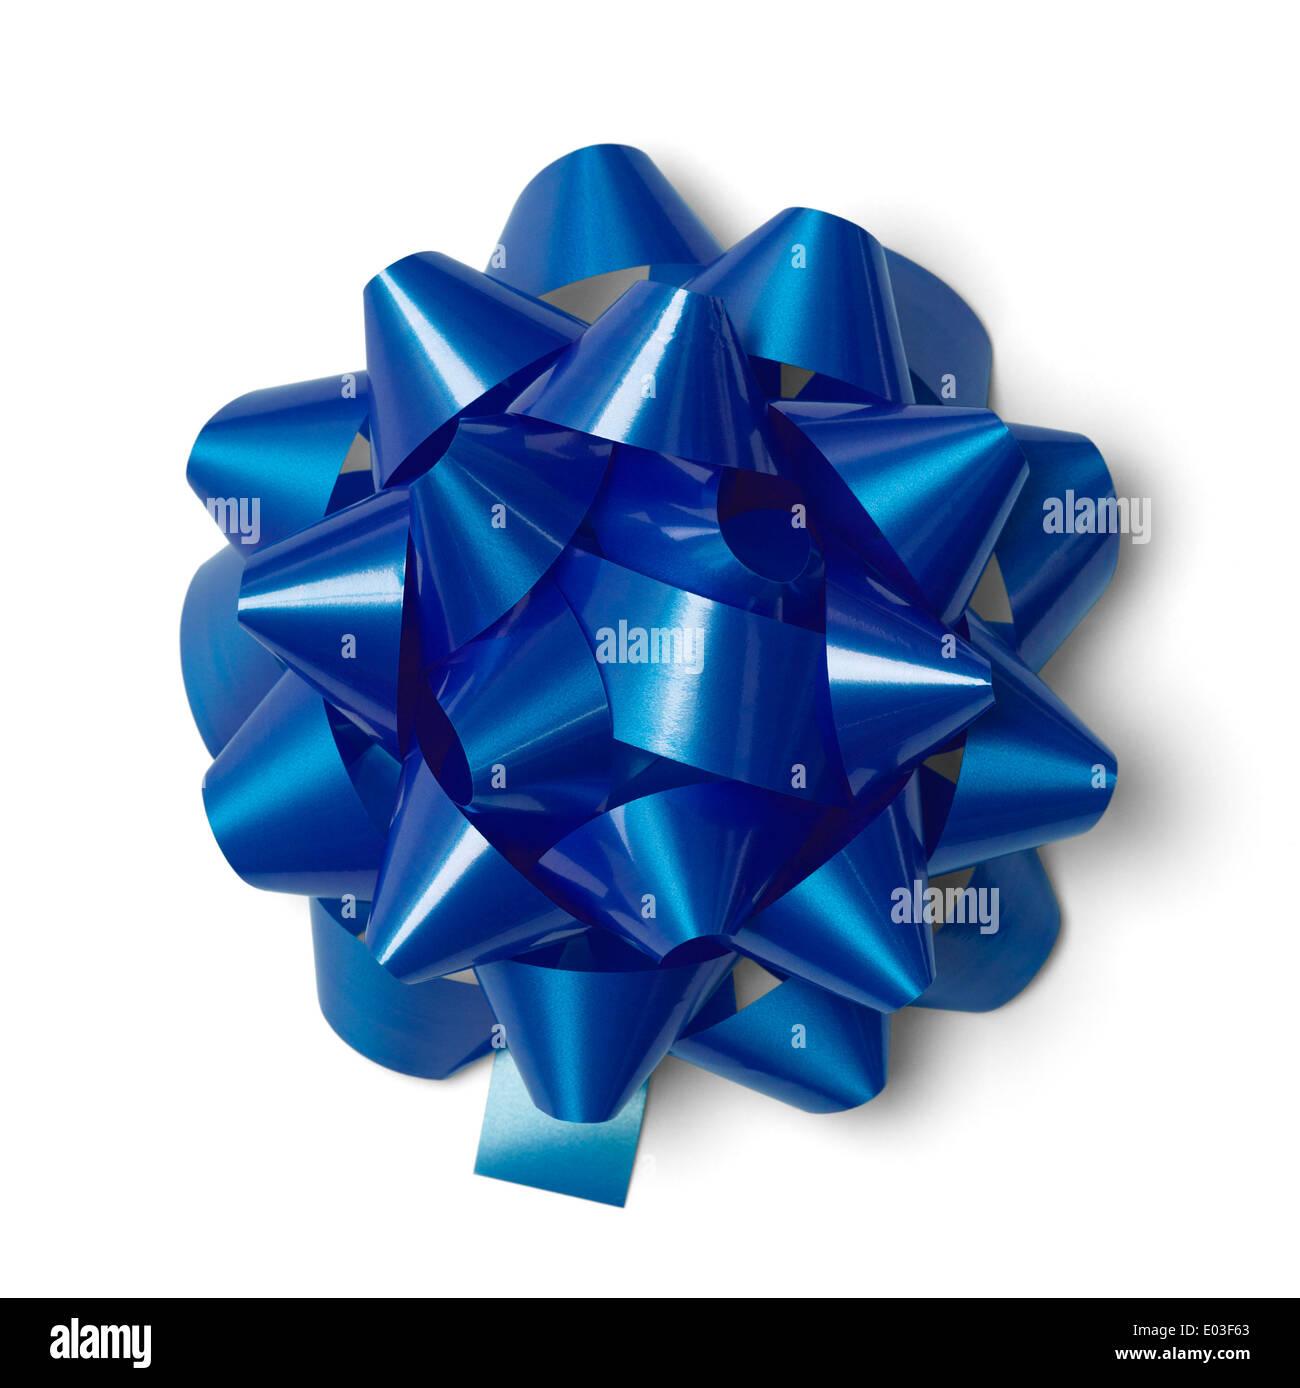 Classic Bleu présente Arc isolé sur fond blanc. Photo Stock